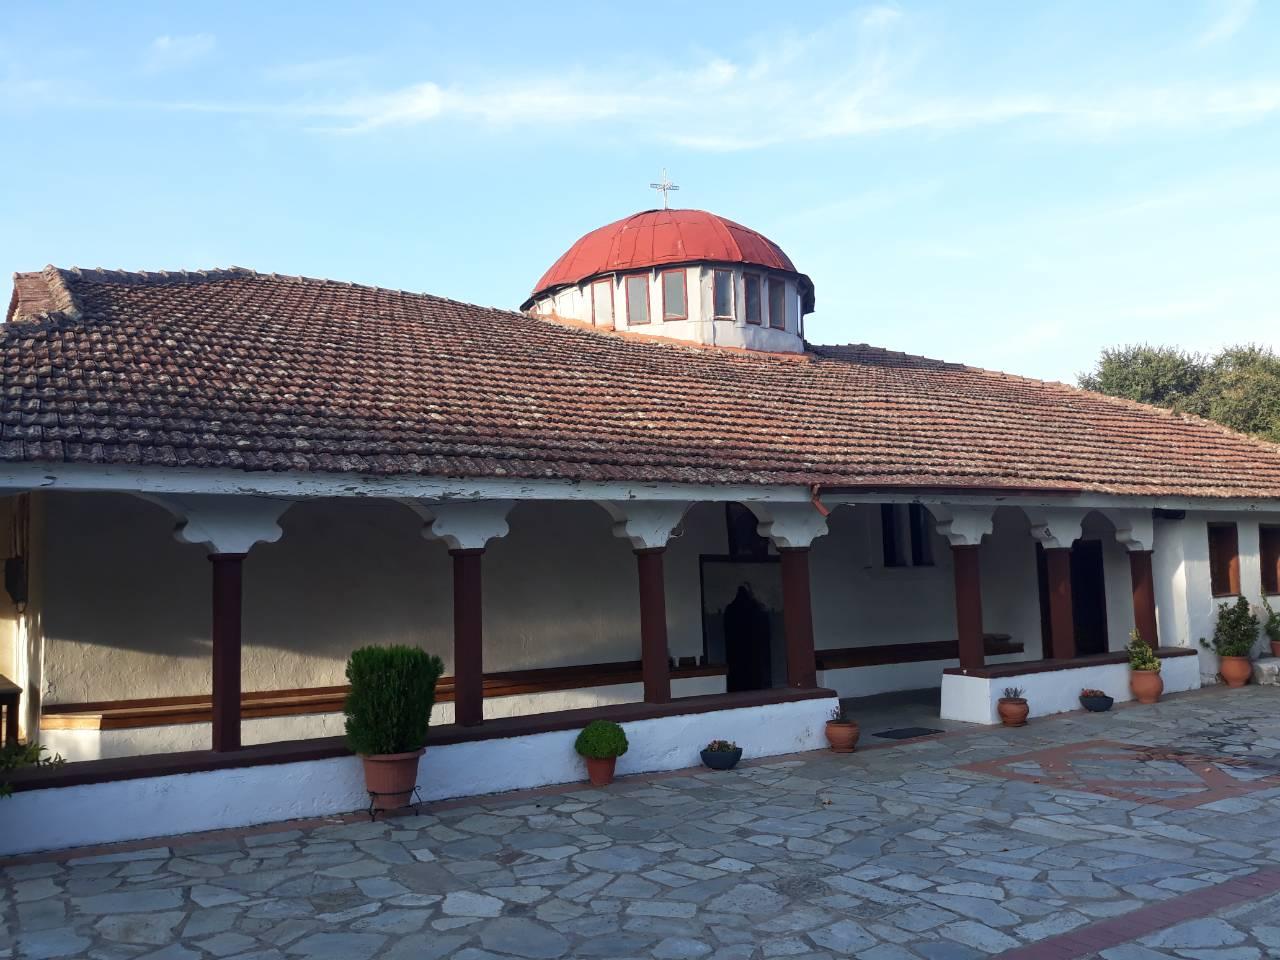 Τον ιστορικό Ιερό Ναό της Αγίας Παρασκευής Φλαμουλίου αναστηλώνει η Περιφέρεια Θεσσαλίας